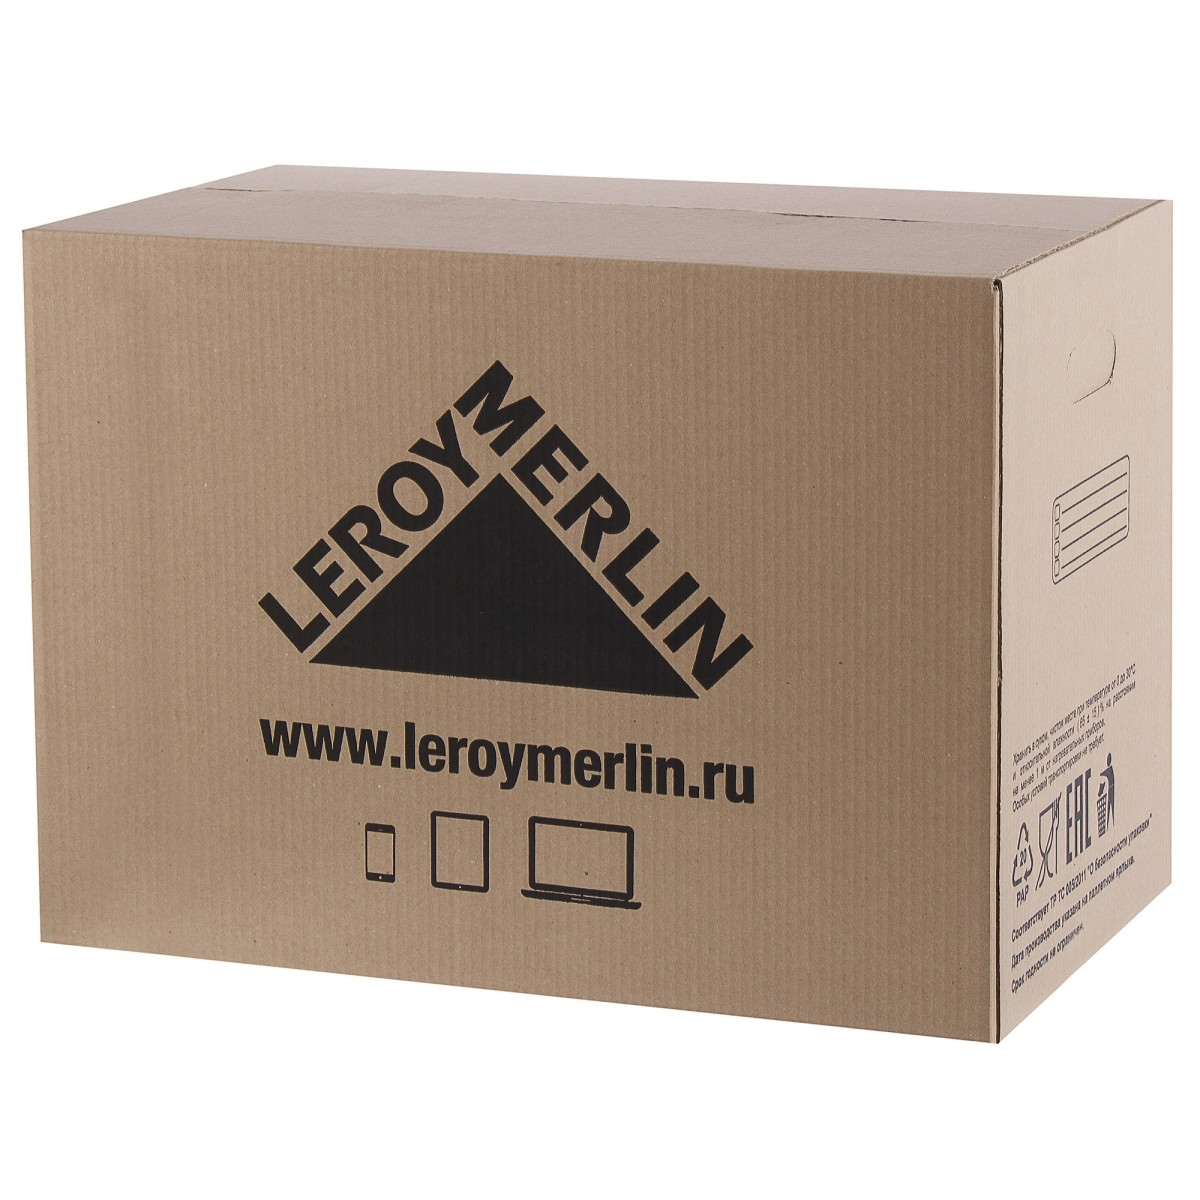 Короб для переезда 56х32х40 см картон